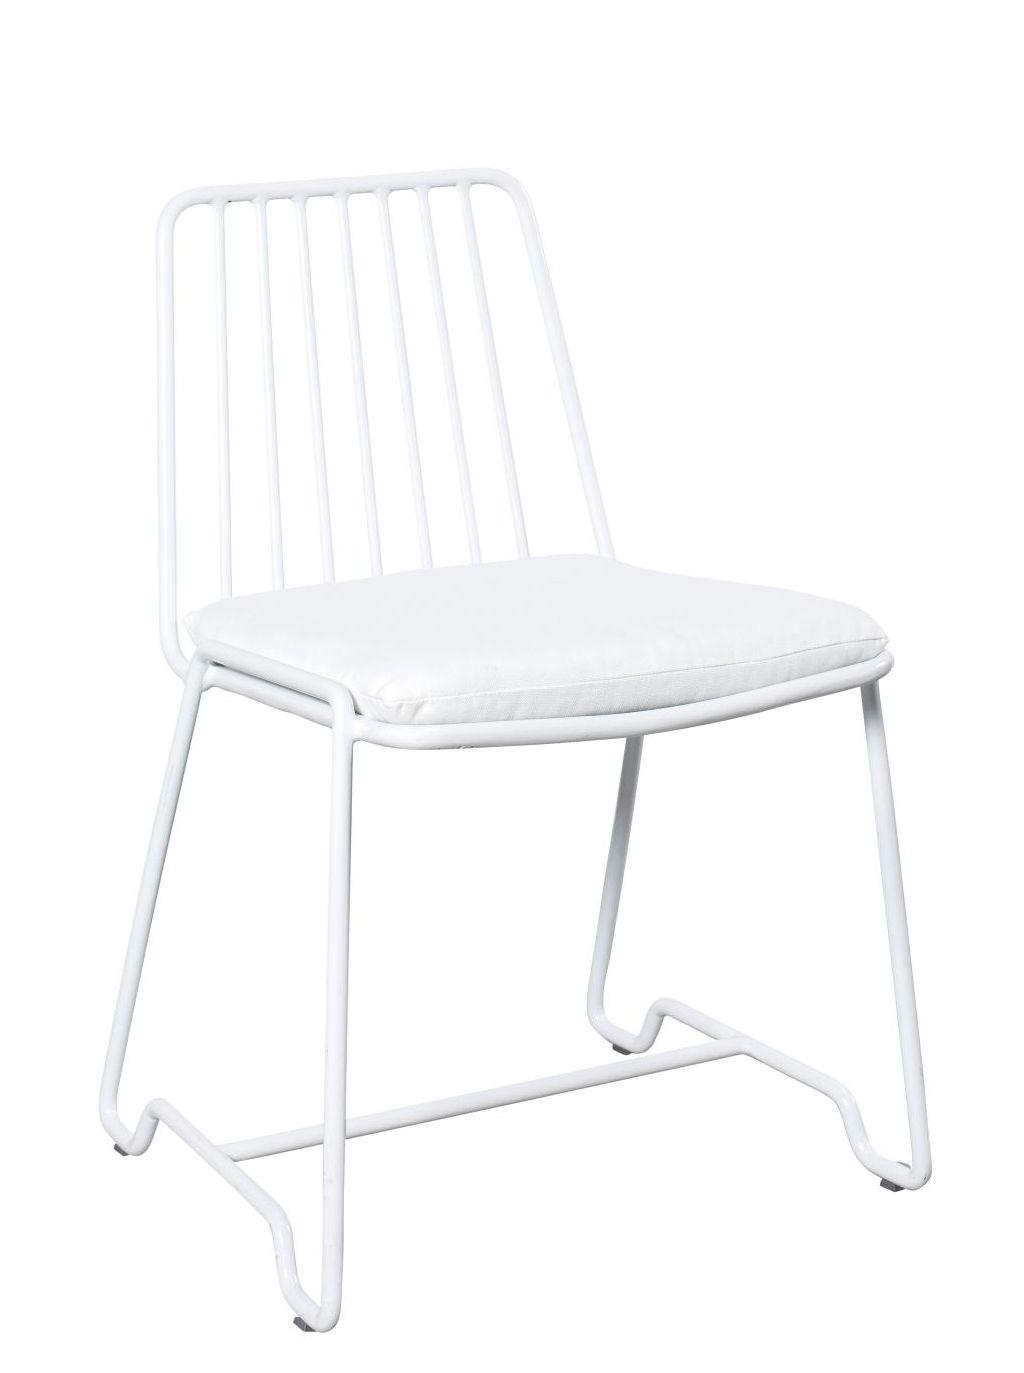 Mobilier - Chaises, fauteuils de salle à manger - Chaise Fish & Fish / Avec coussin d'assise - Serax - Blanc / Coussin blanc - Aluminium laqué